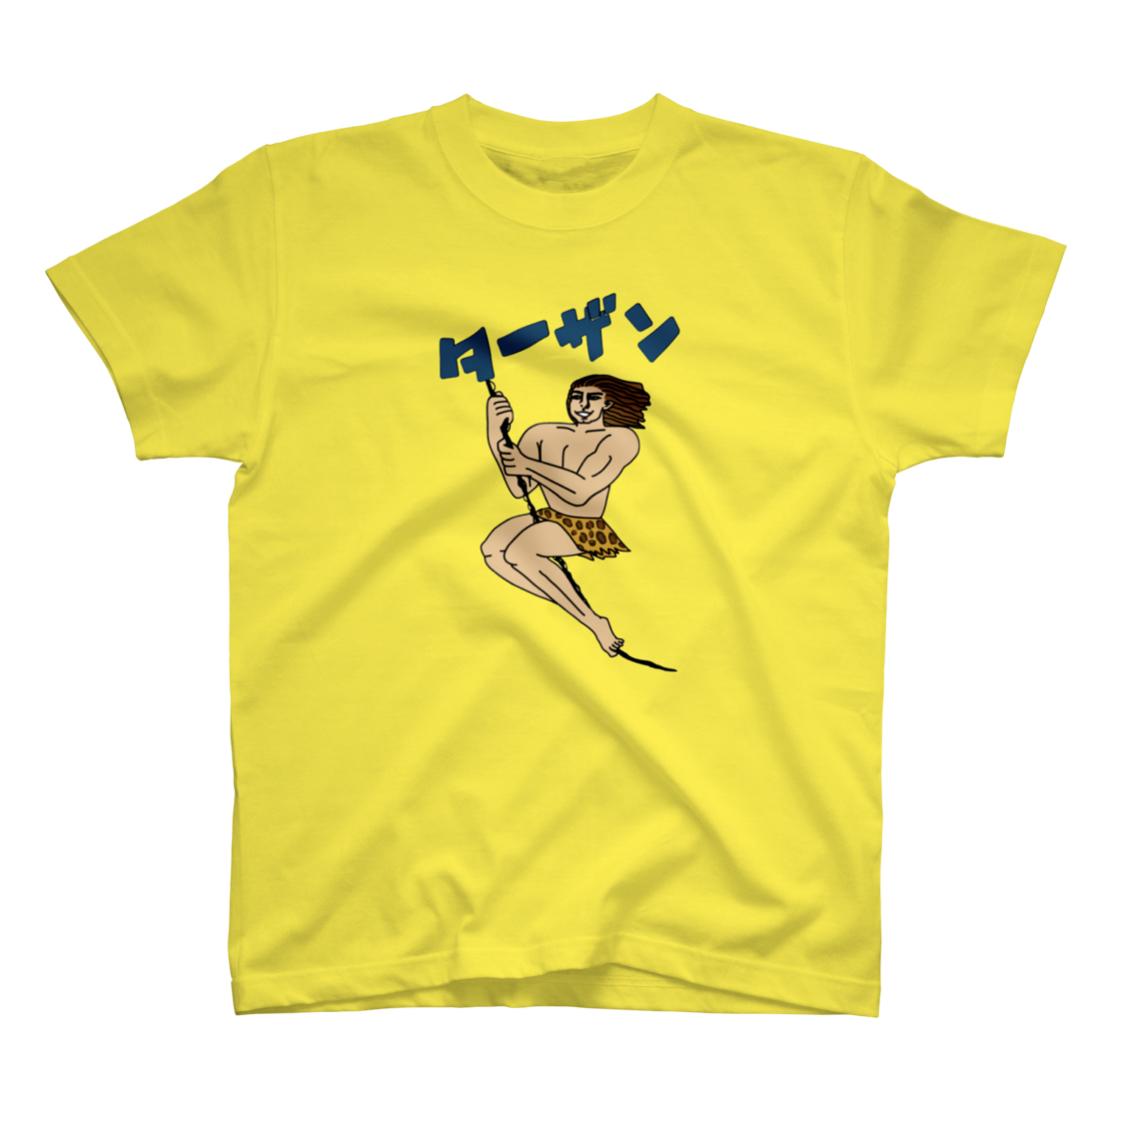 謎のイラストTシャツ